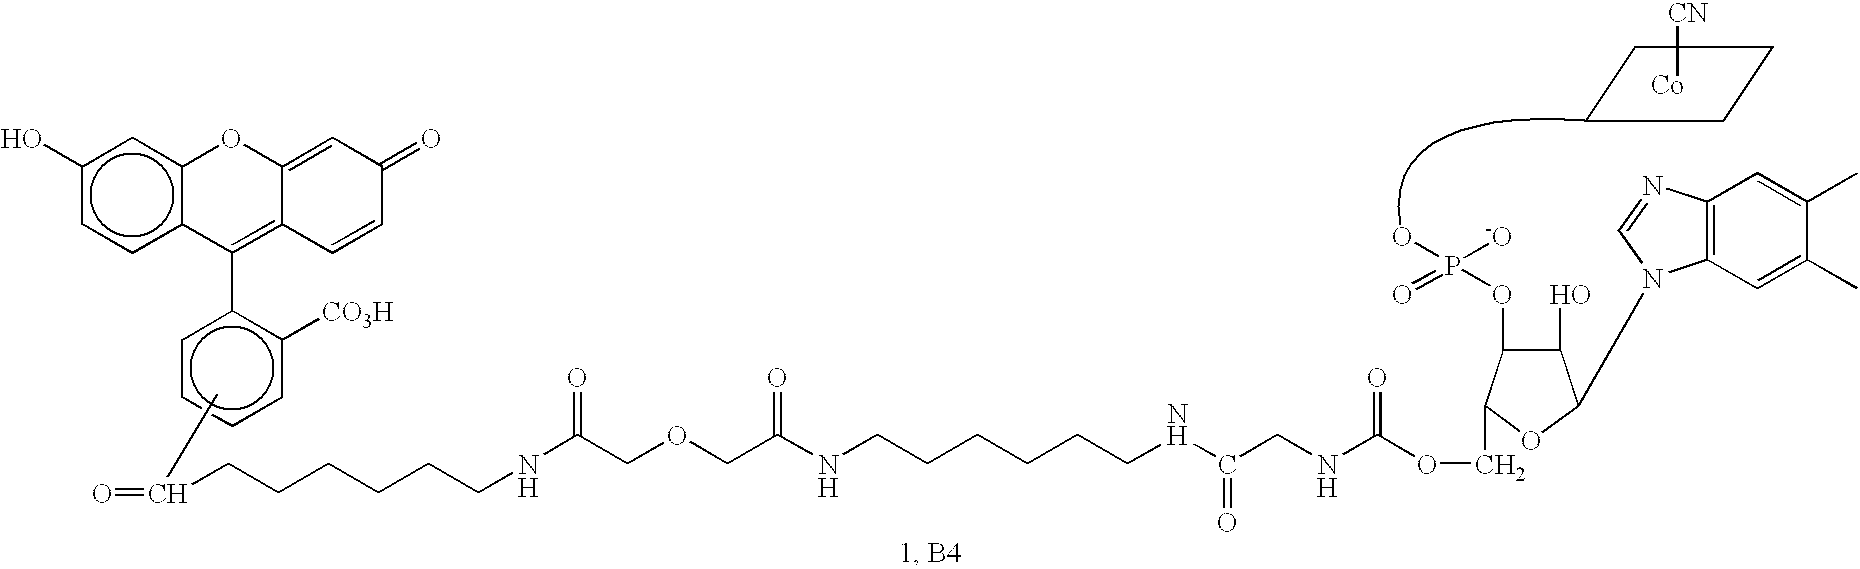 Figure US06406913-20020618-C00020